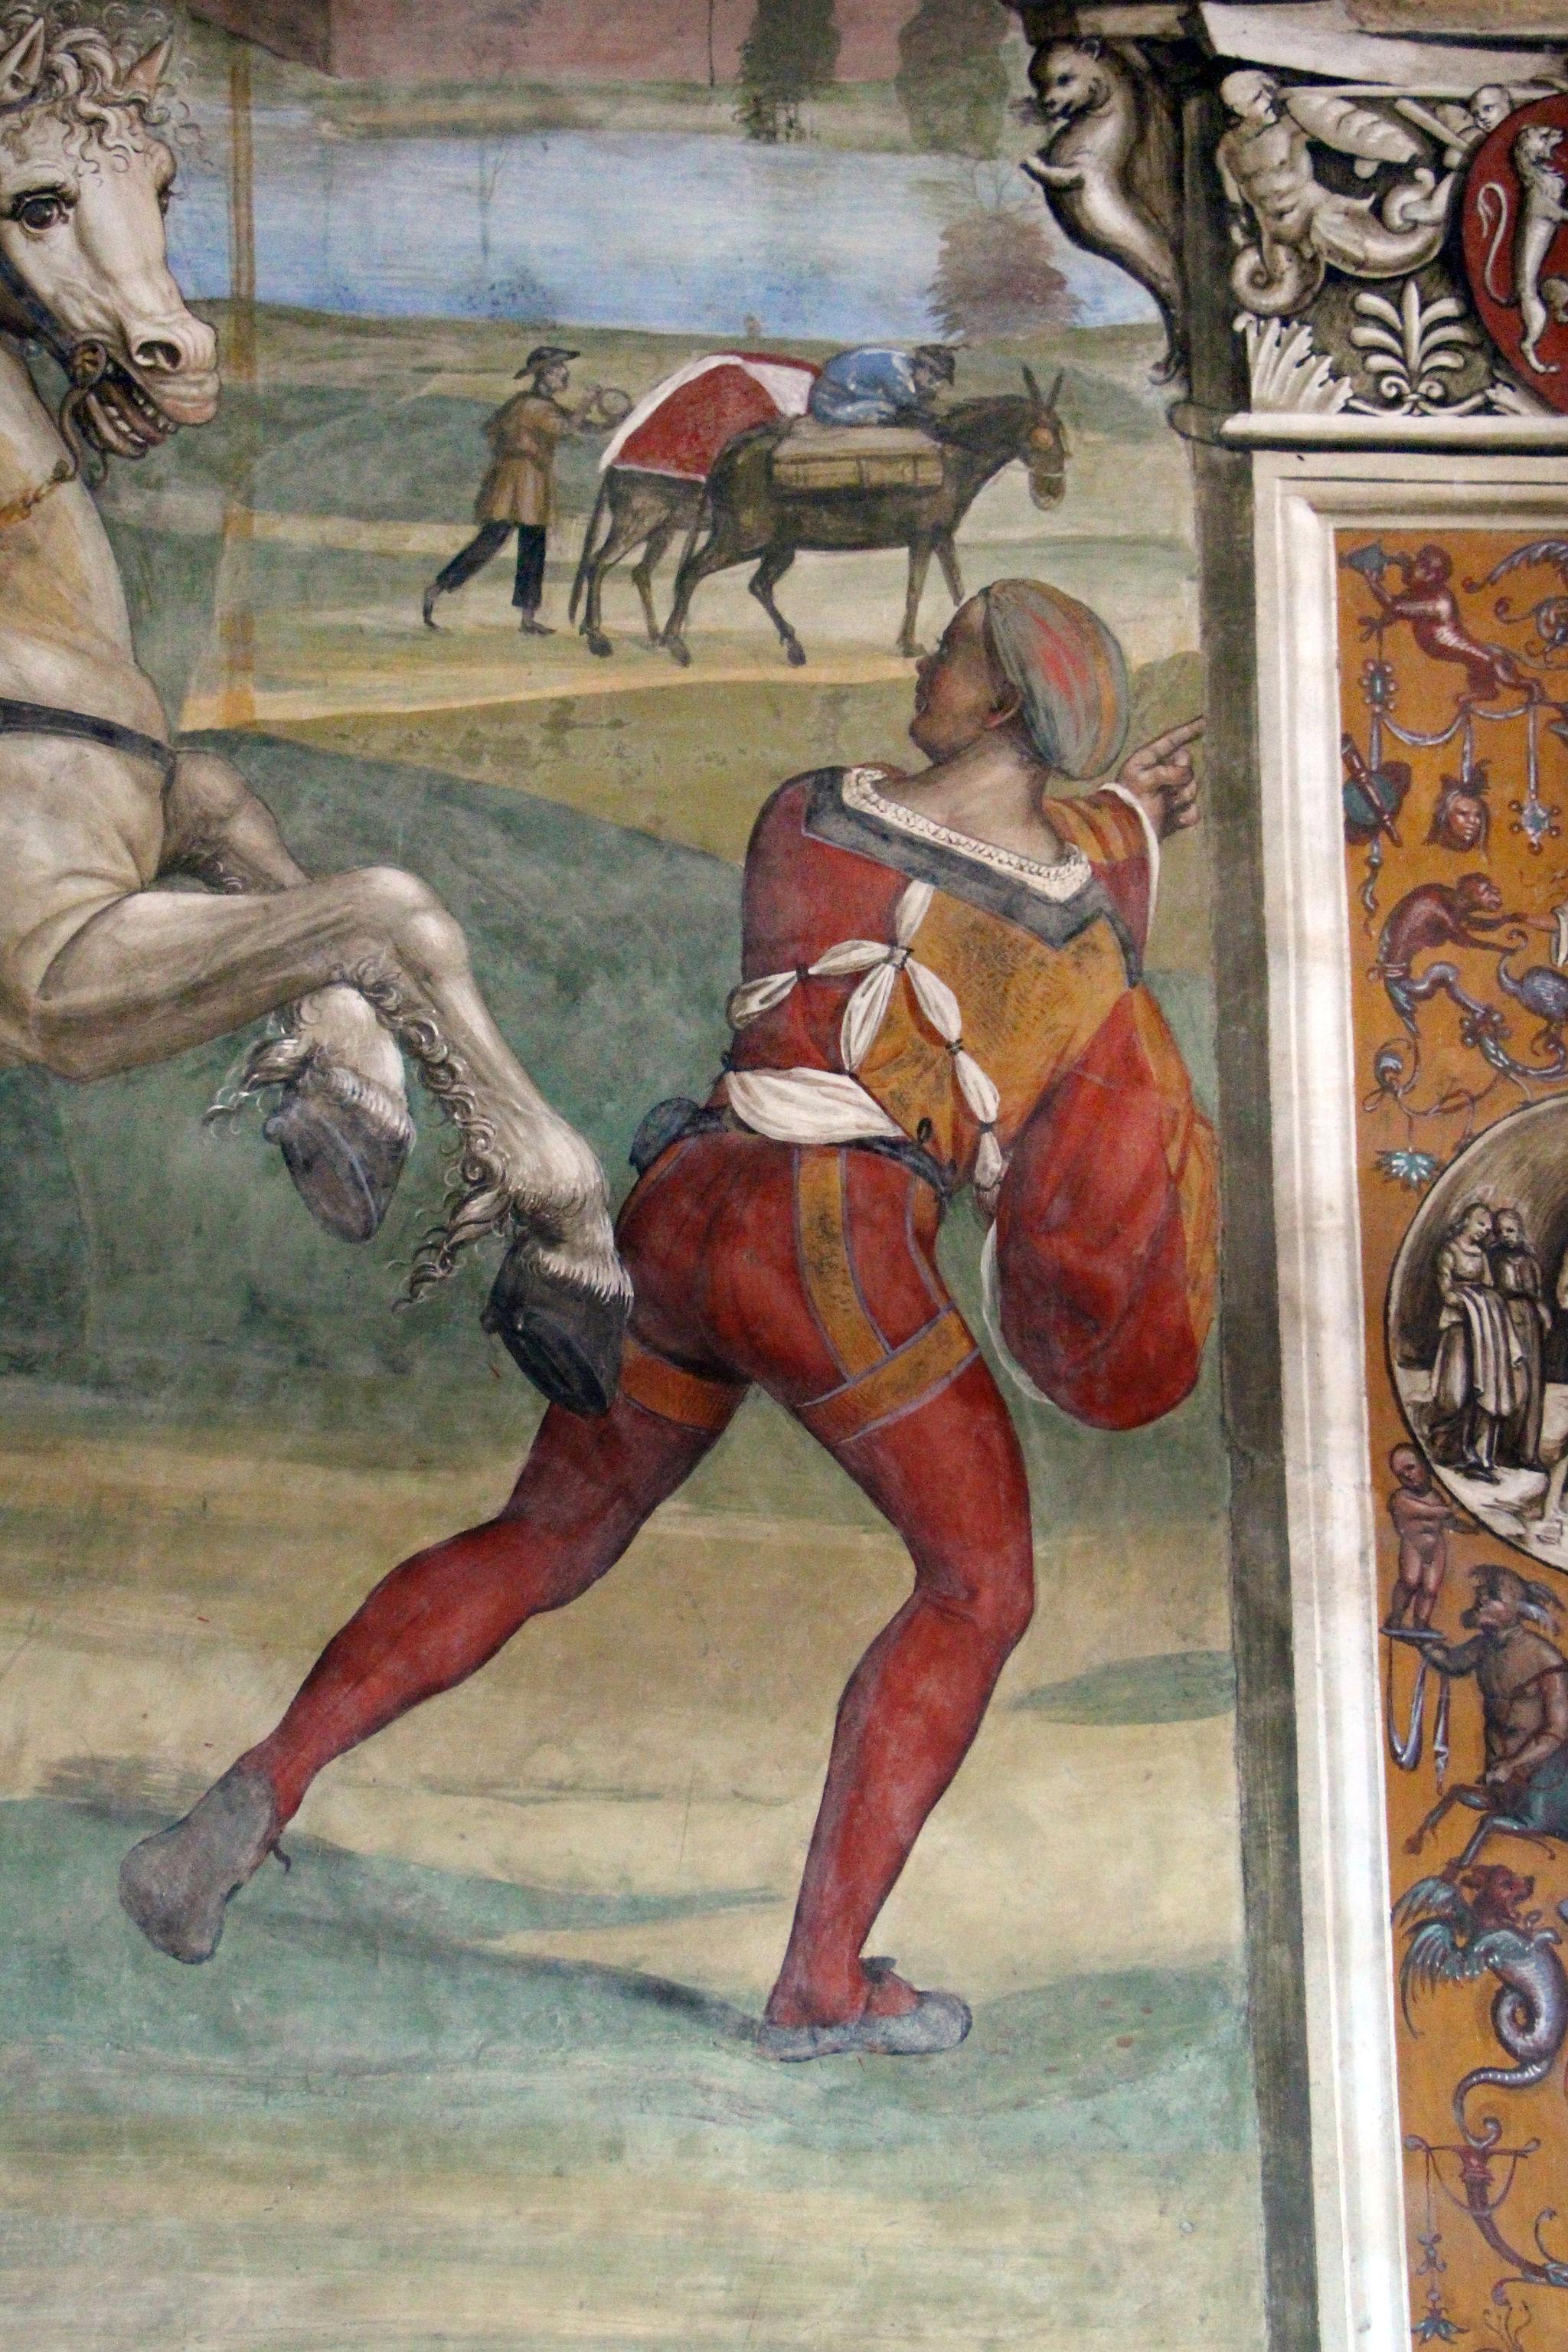 Storie di s. benedetto, 01 sodoma - Come Benedetto lascia la casa paterna e recasi a studio a Roma 04